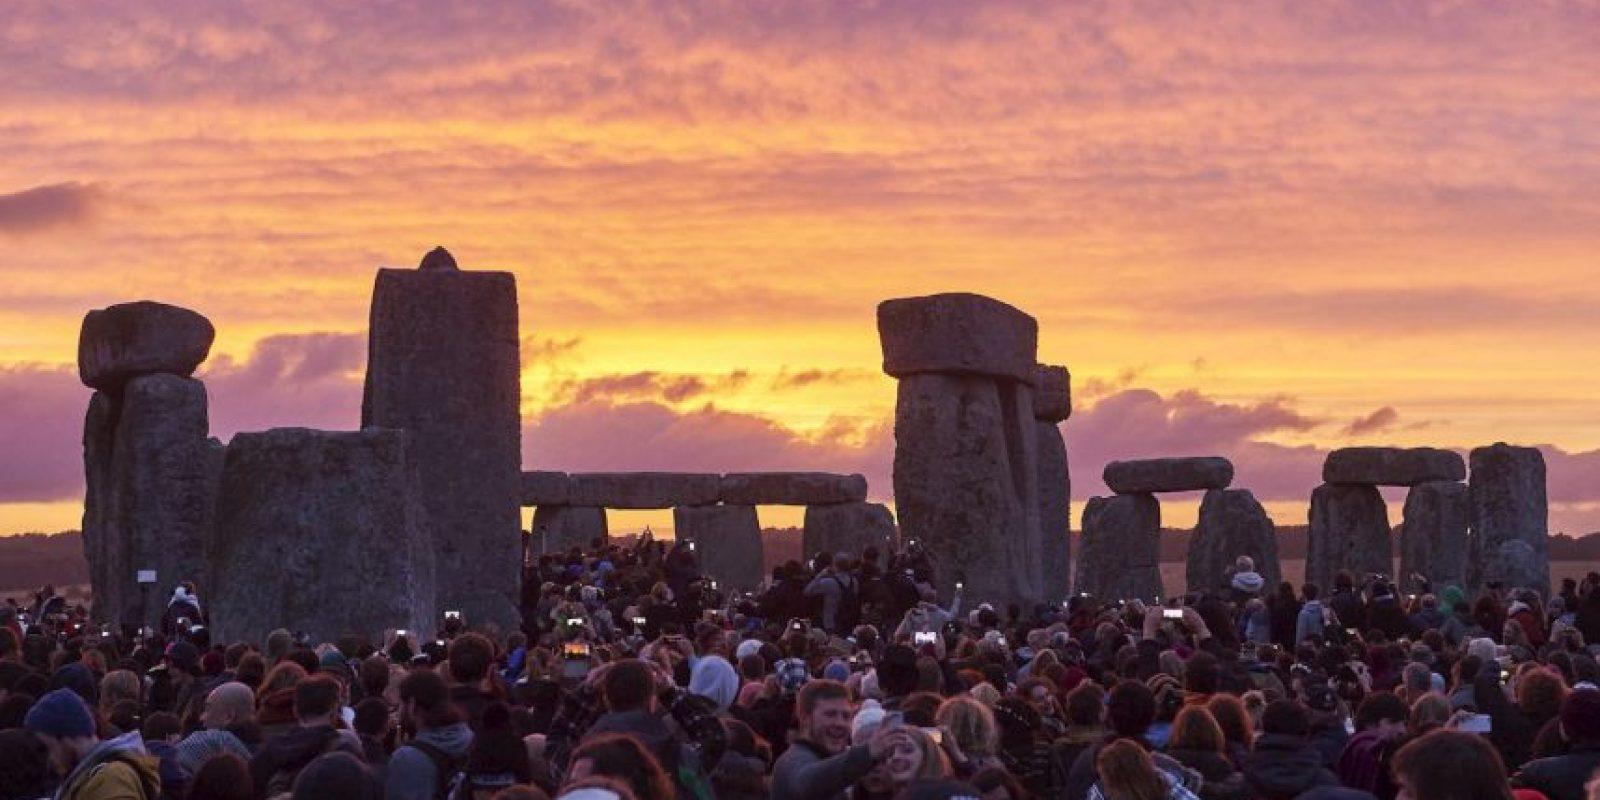 Celebración del solsticio de verano en Stonehenge. Foto:AFP